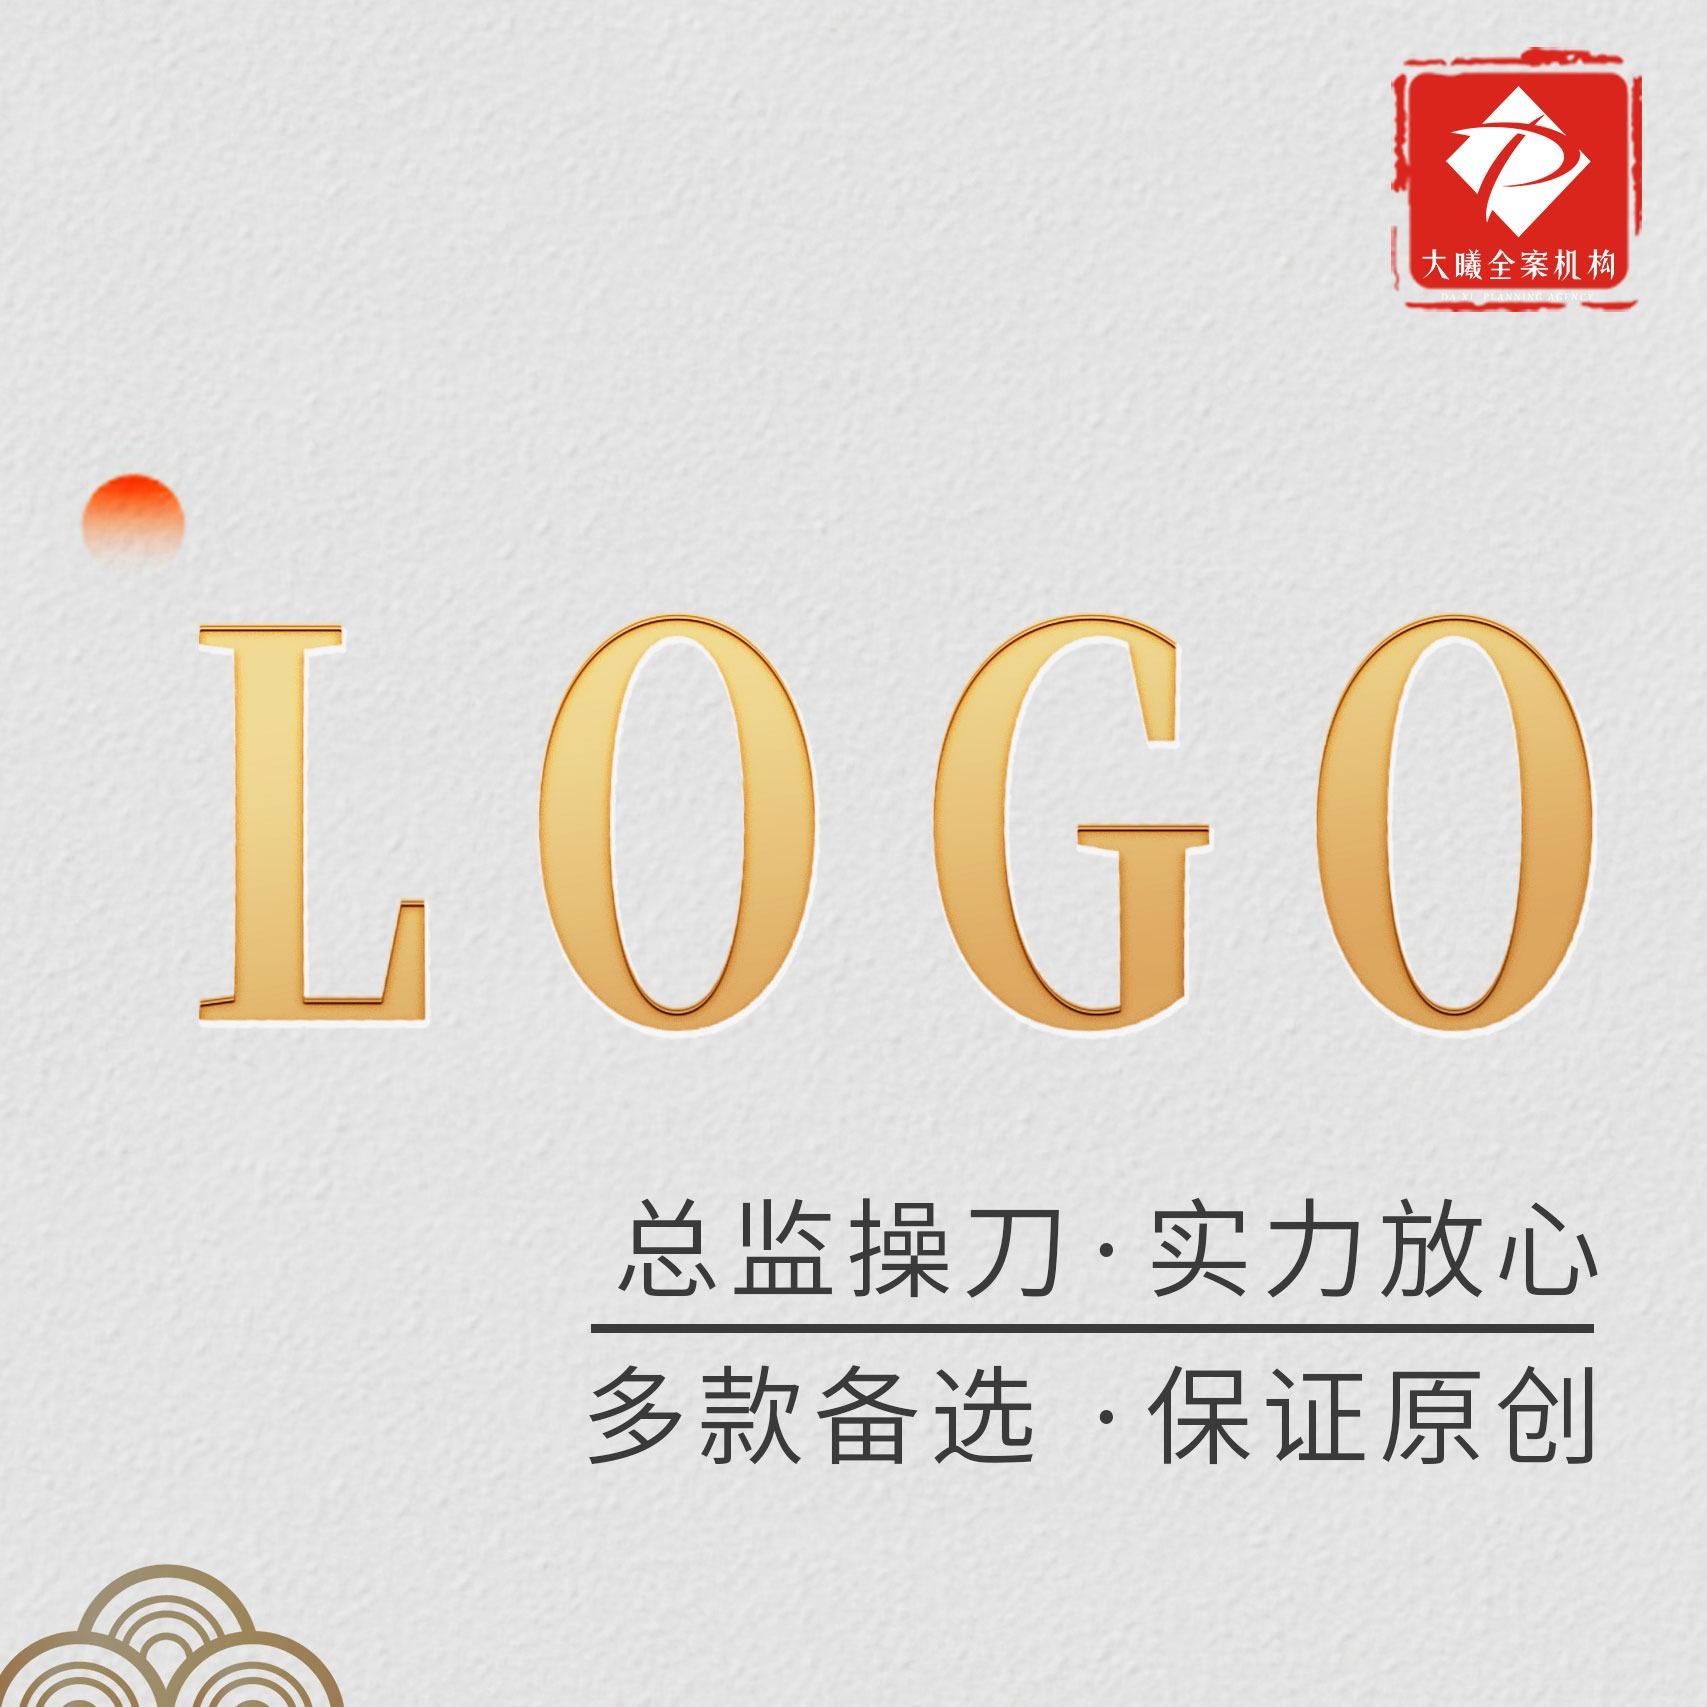 餐饮教育公司 LOGO  logo 设计图形设计字体设计原创注册